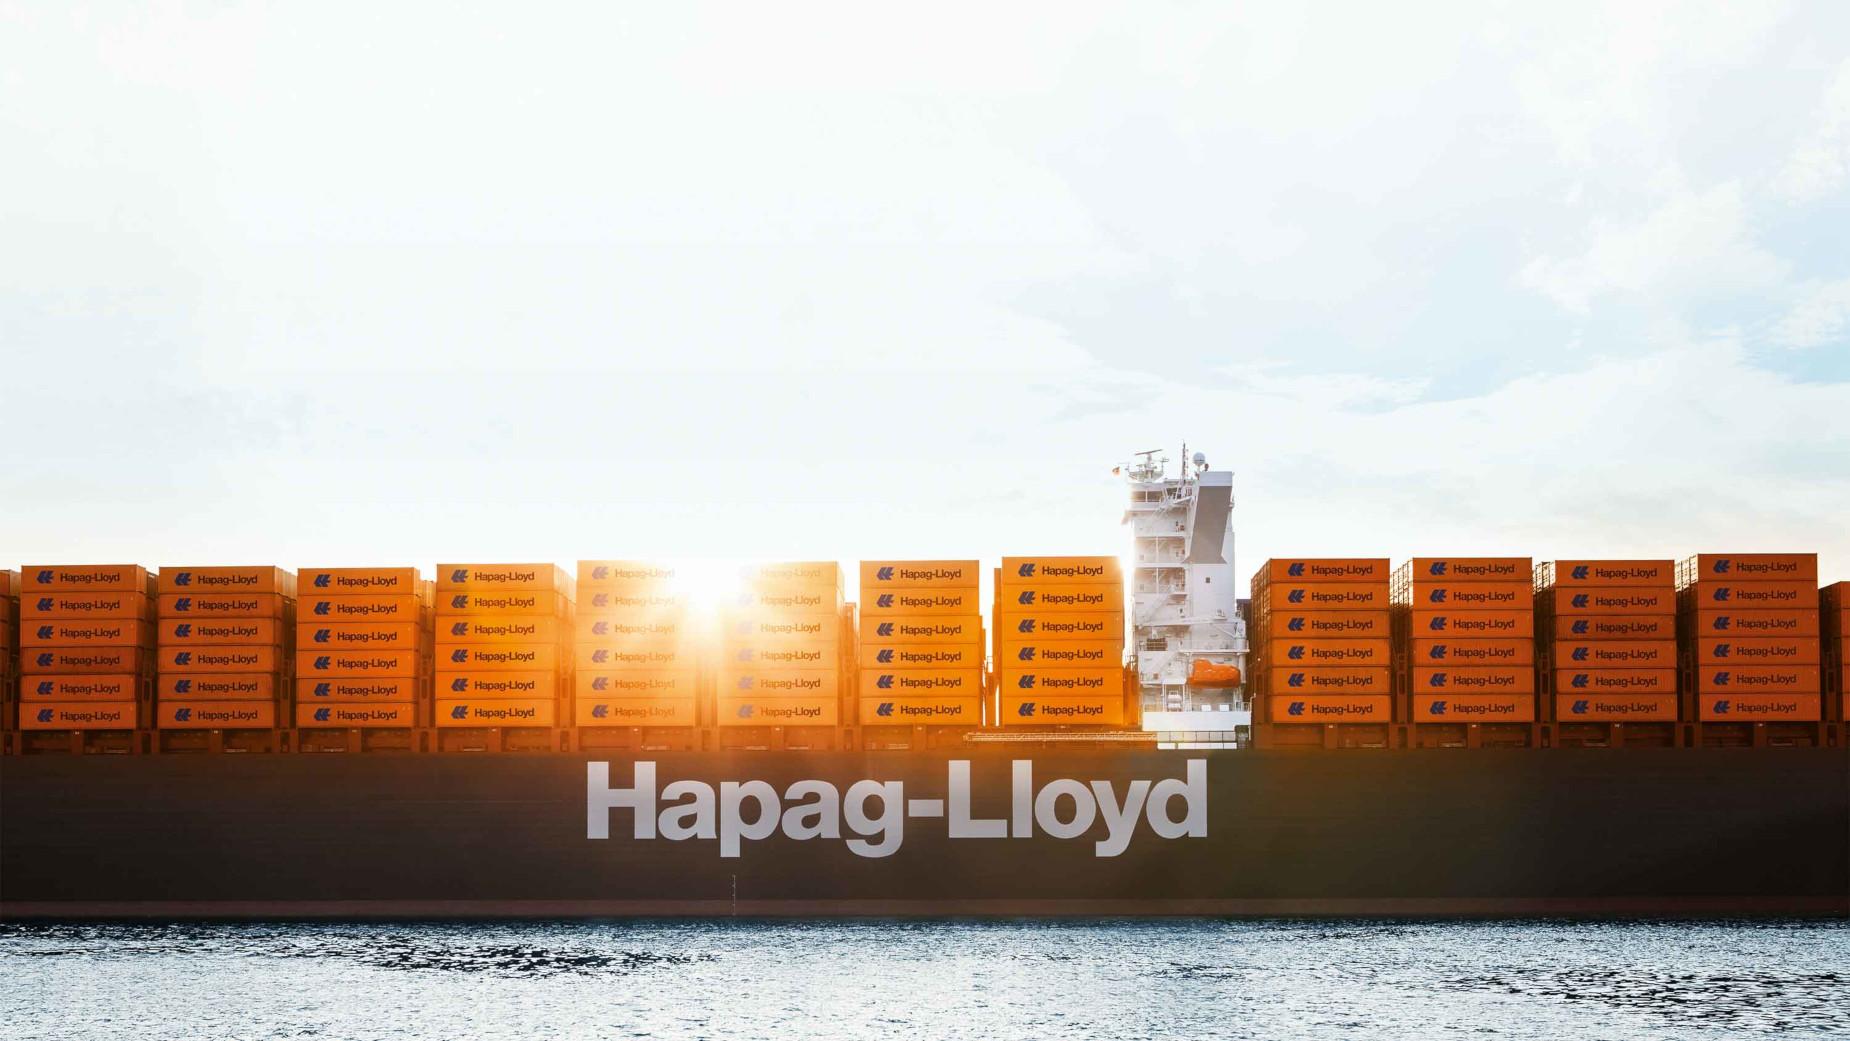 Hapag-Lloyd inwestuje na Pomorzu. W Trójmieście powstanie centrum wiedzy